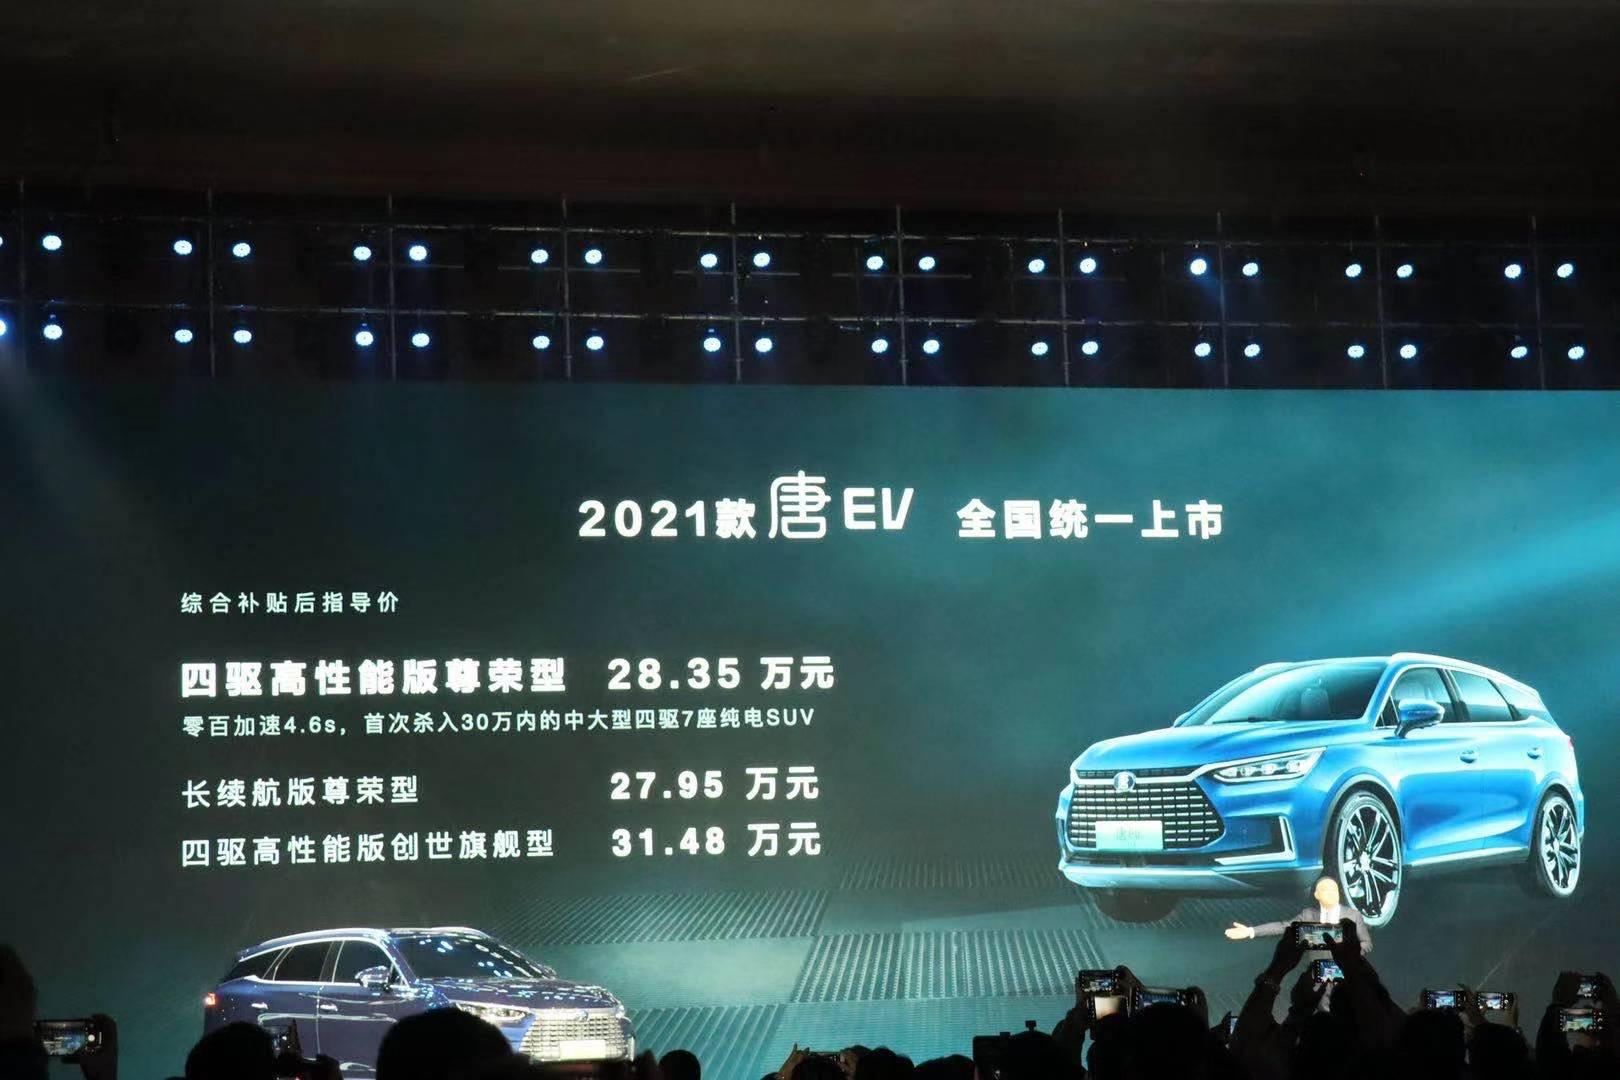 新款比亚迪唐EV正式上市 售27.95-31.48万元 配置/动力再升级